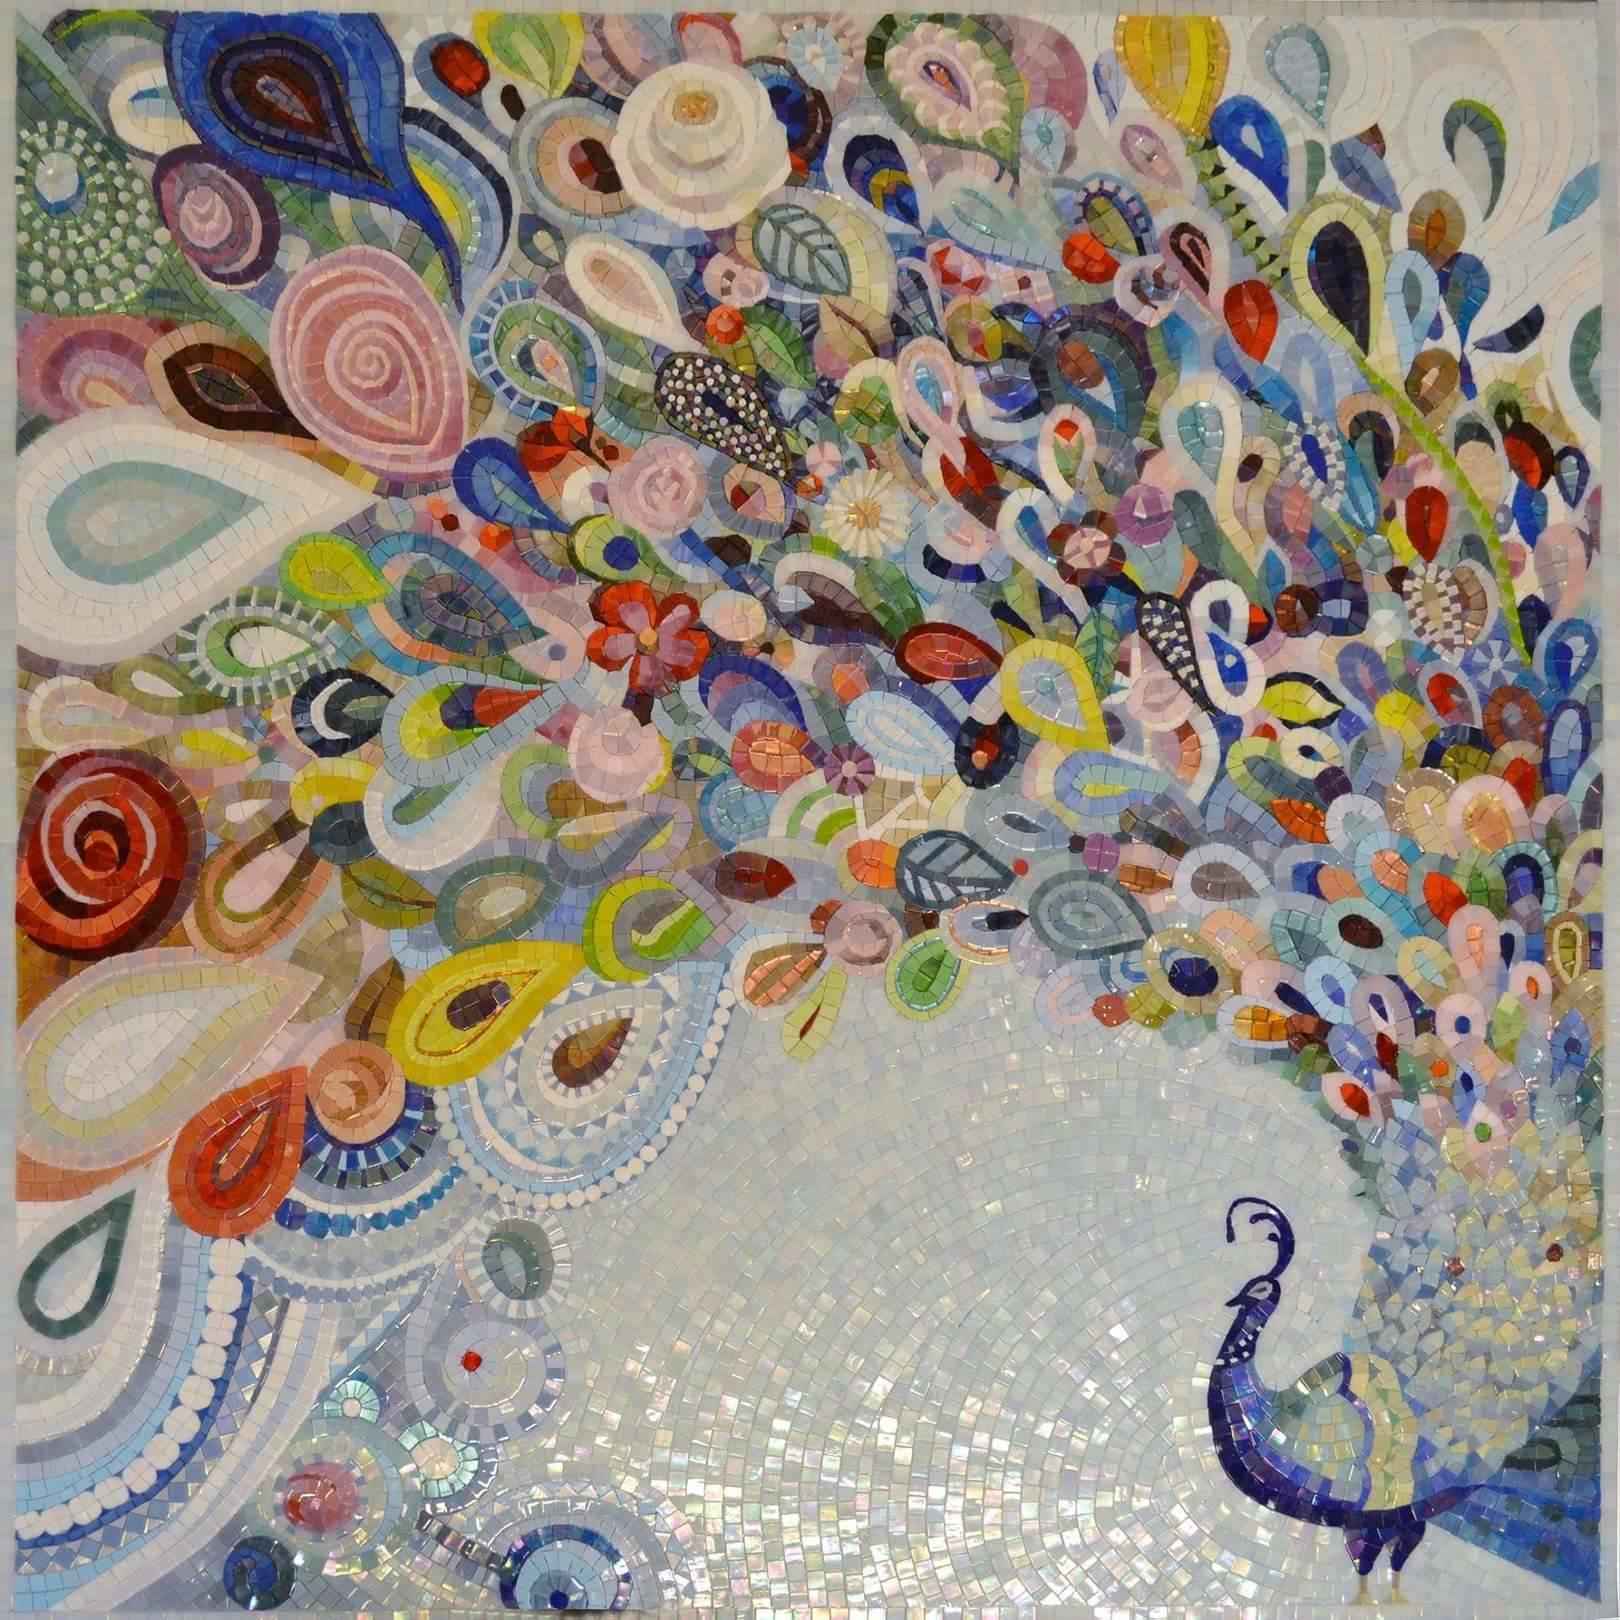 Декоративный павлин из стекла. Образ, который активно используется в искусстве и литературе вот уже более 3000 лет. Изображение птицы считается одним из сильнейших талисманов, символ счастья и любви, процветания и богатства. @irina_nesterova_in